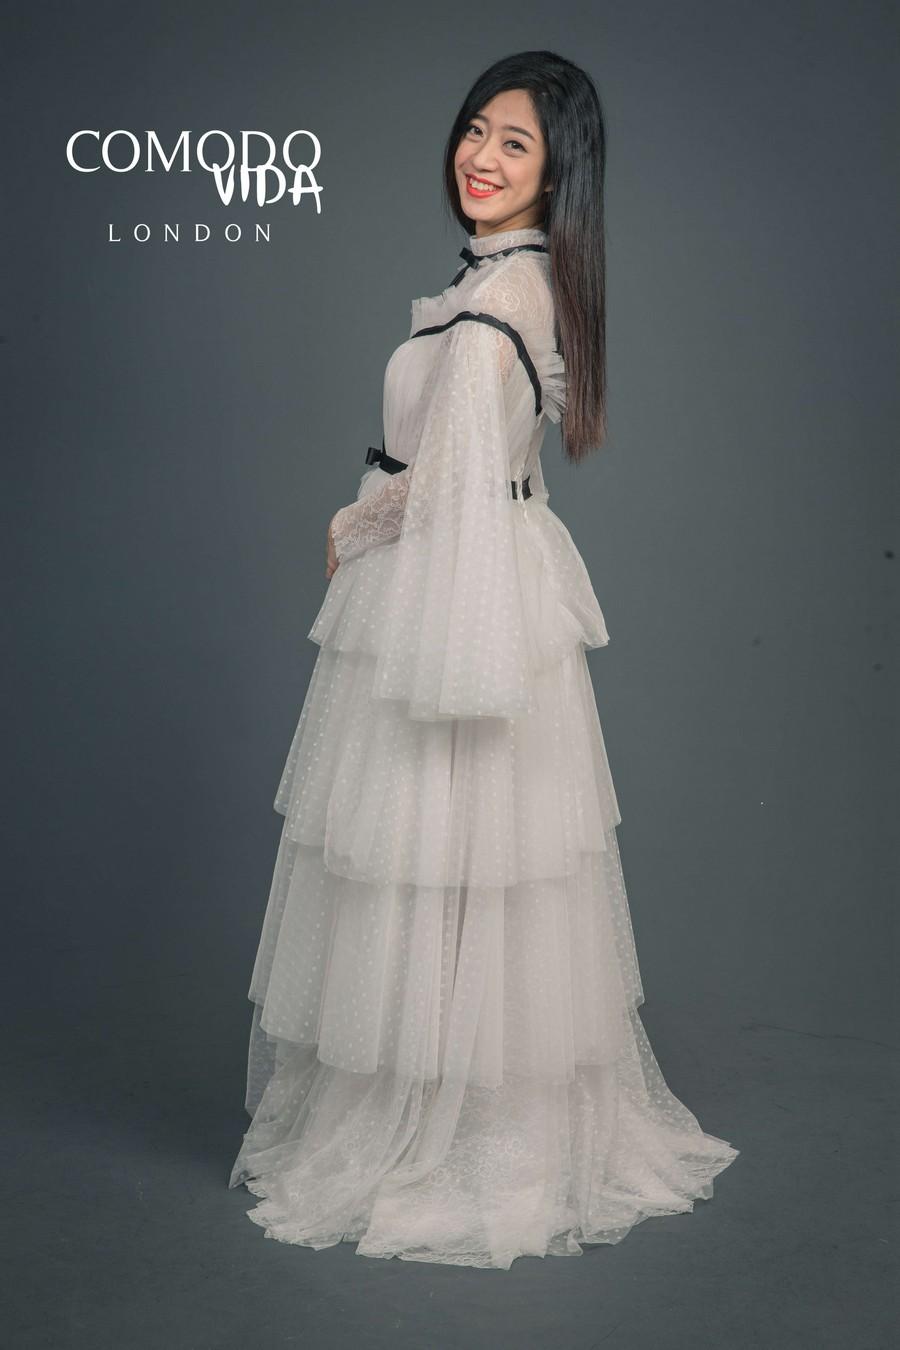 復古輕婚紗,復古婚紗推薦,婚紗品牌,復古婚紗 推薦,手工輕婚紗,輕婚紗洋裝,婚紗款式,復古手工婚紗